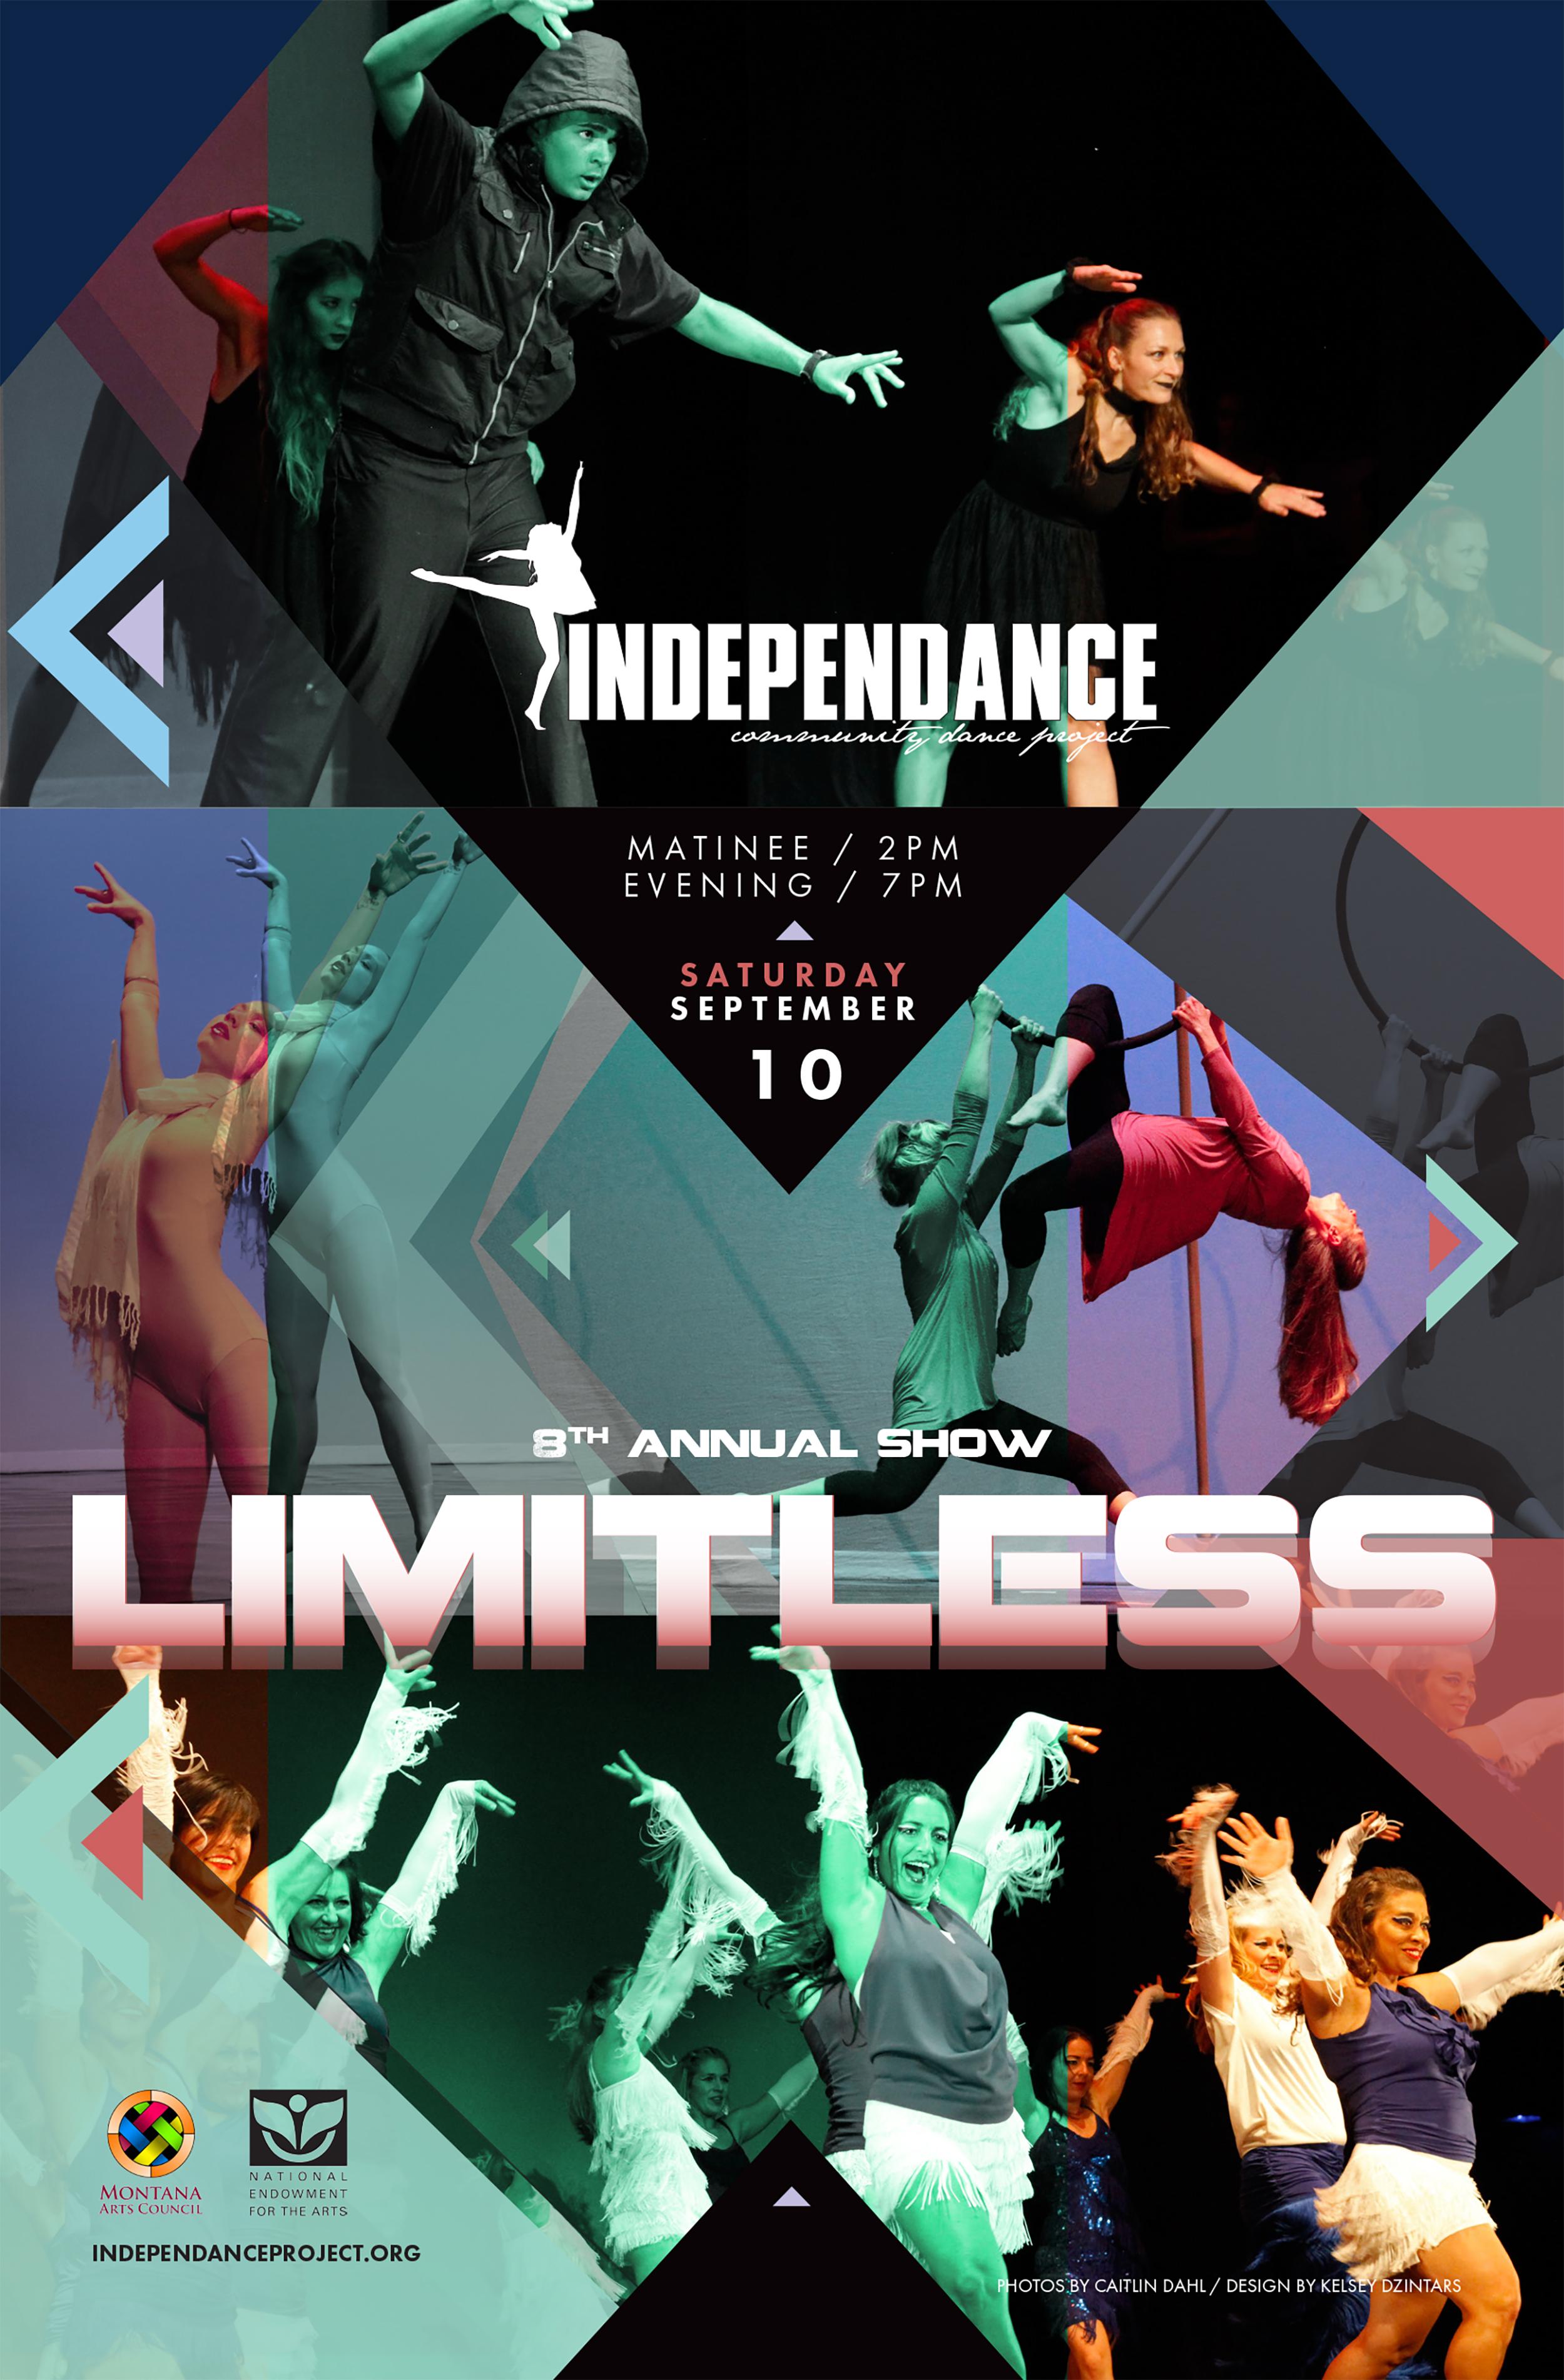 1608_independance_limitless_poster.jpg